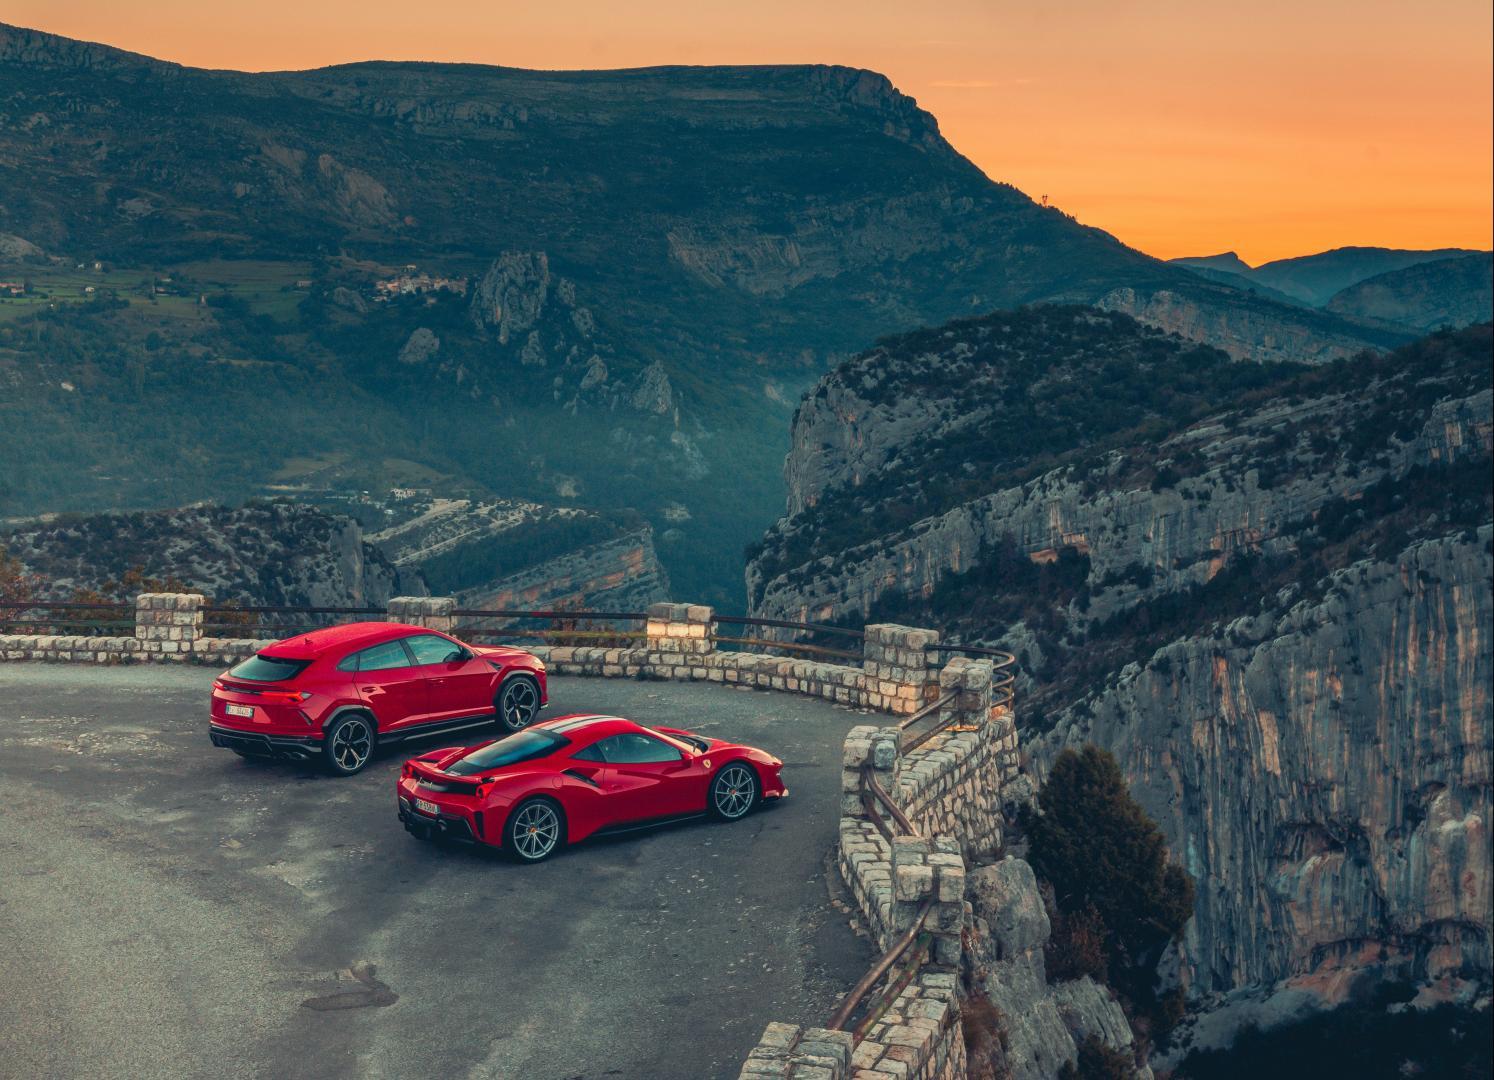 Ferrari 488 Pista vs Lamborghini Urus 2